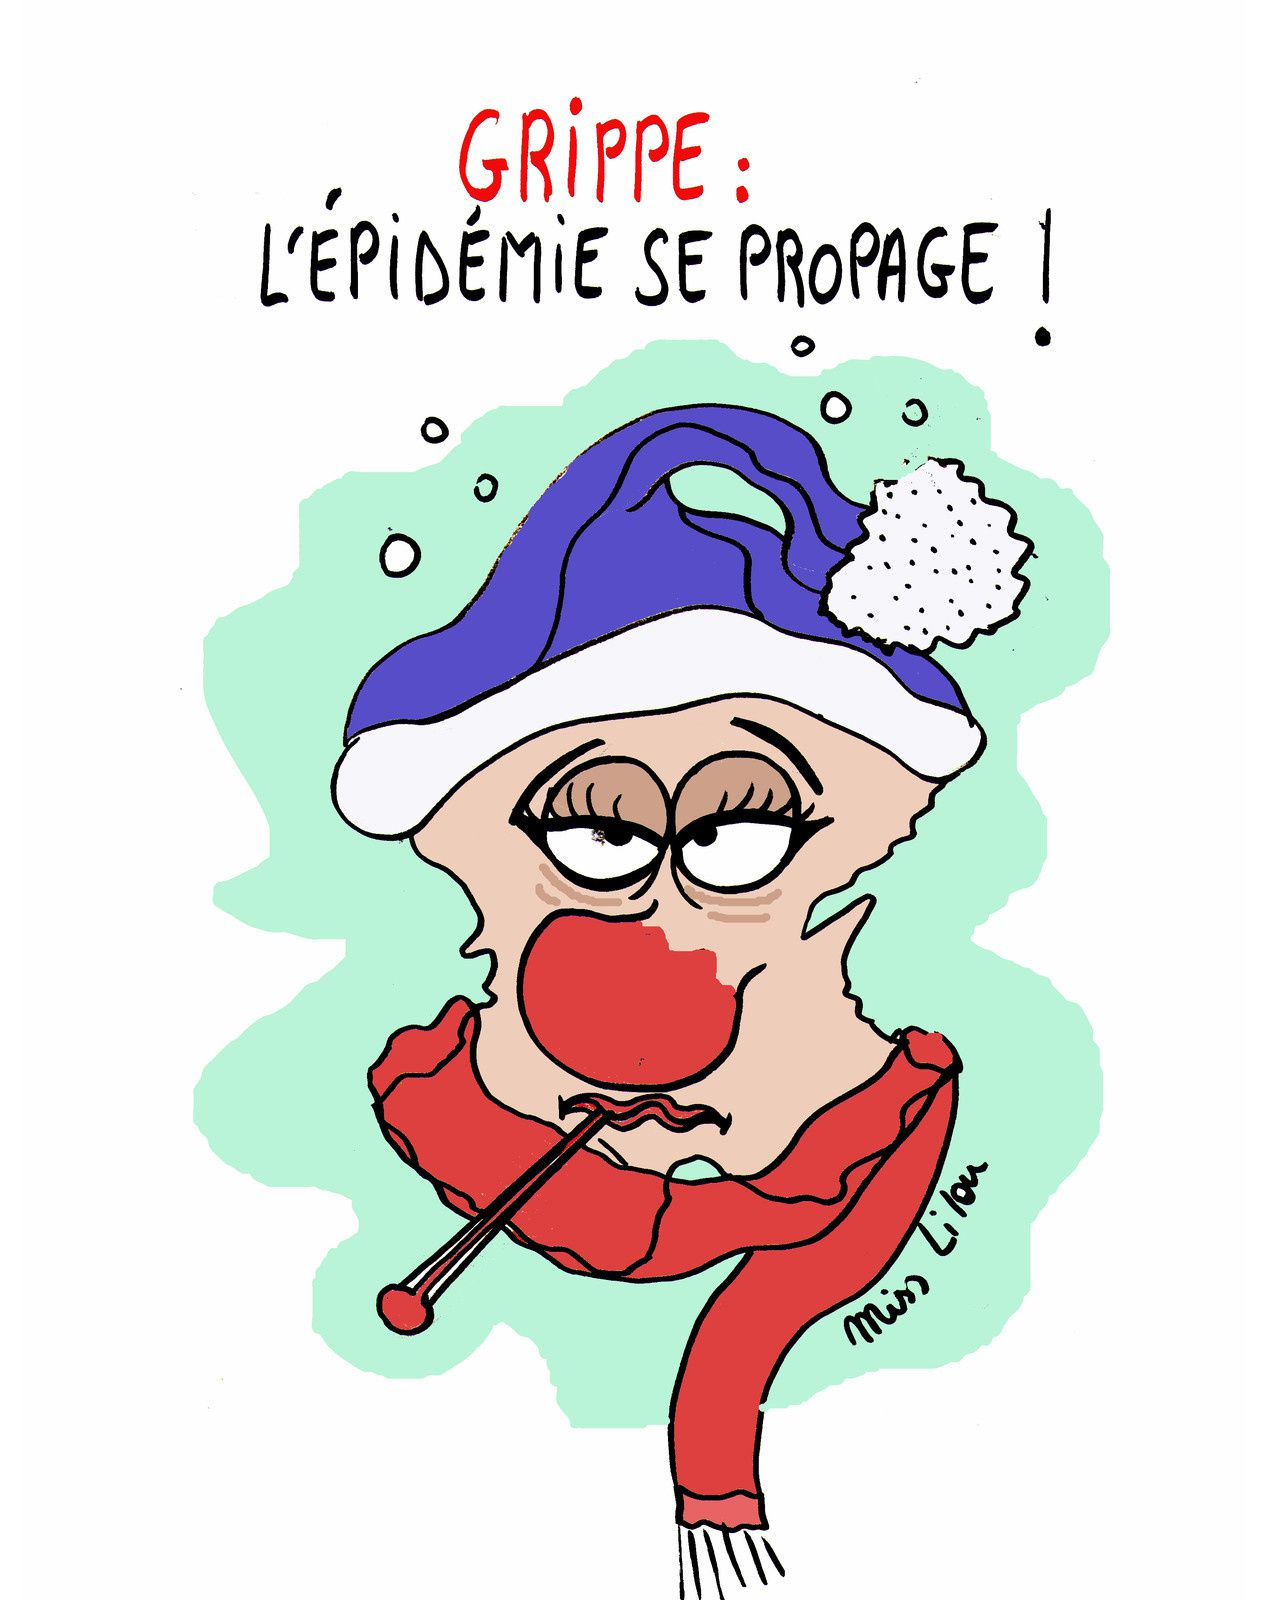 GRIPPE : L'ÉPIDÉMIE SE PROPAGE !!!